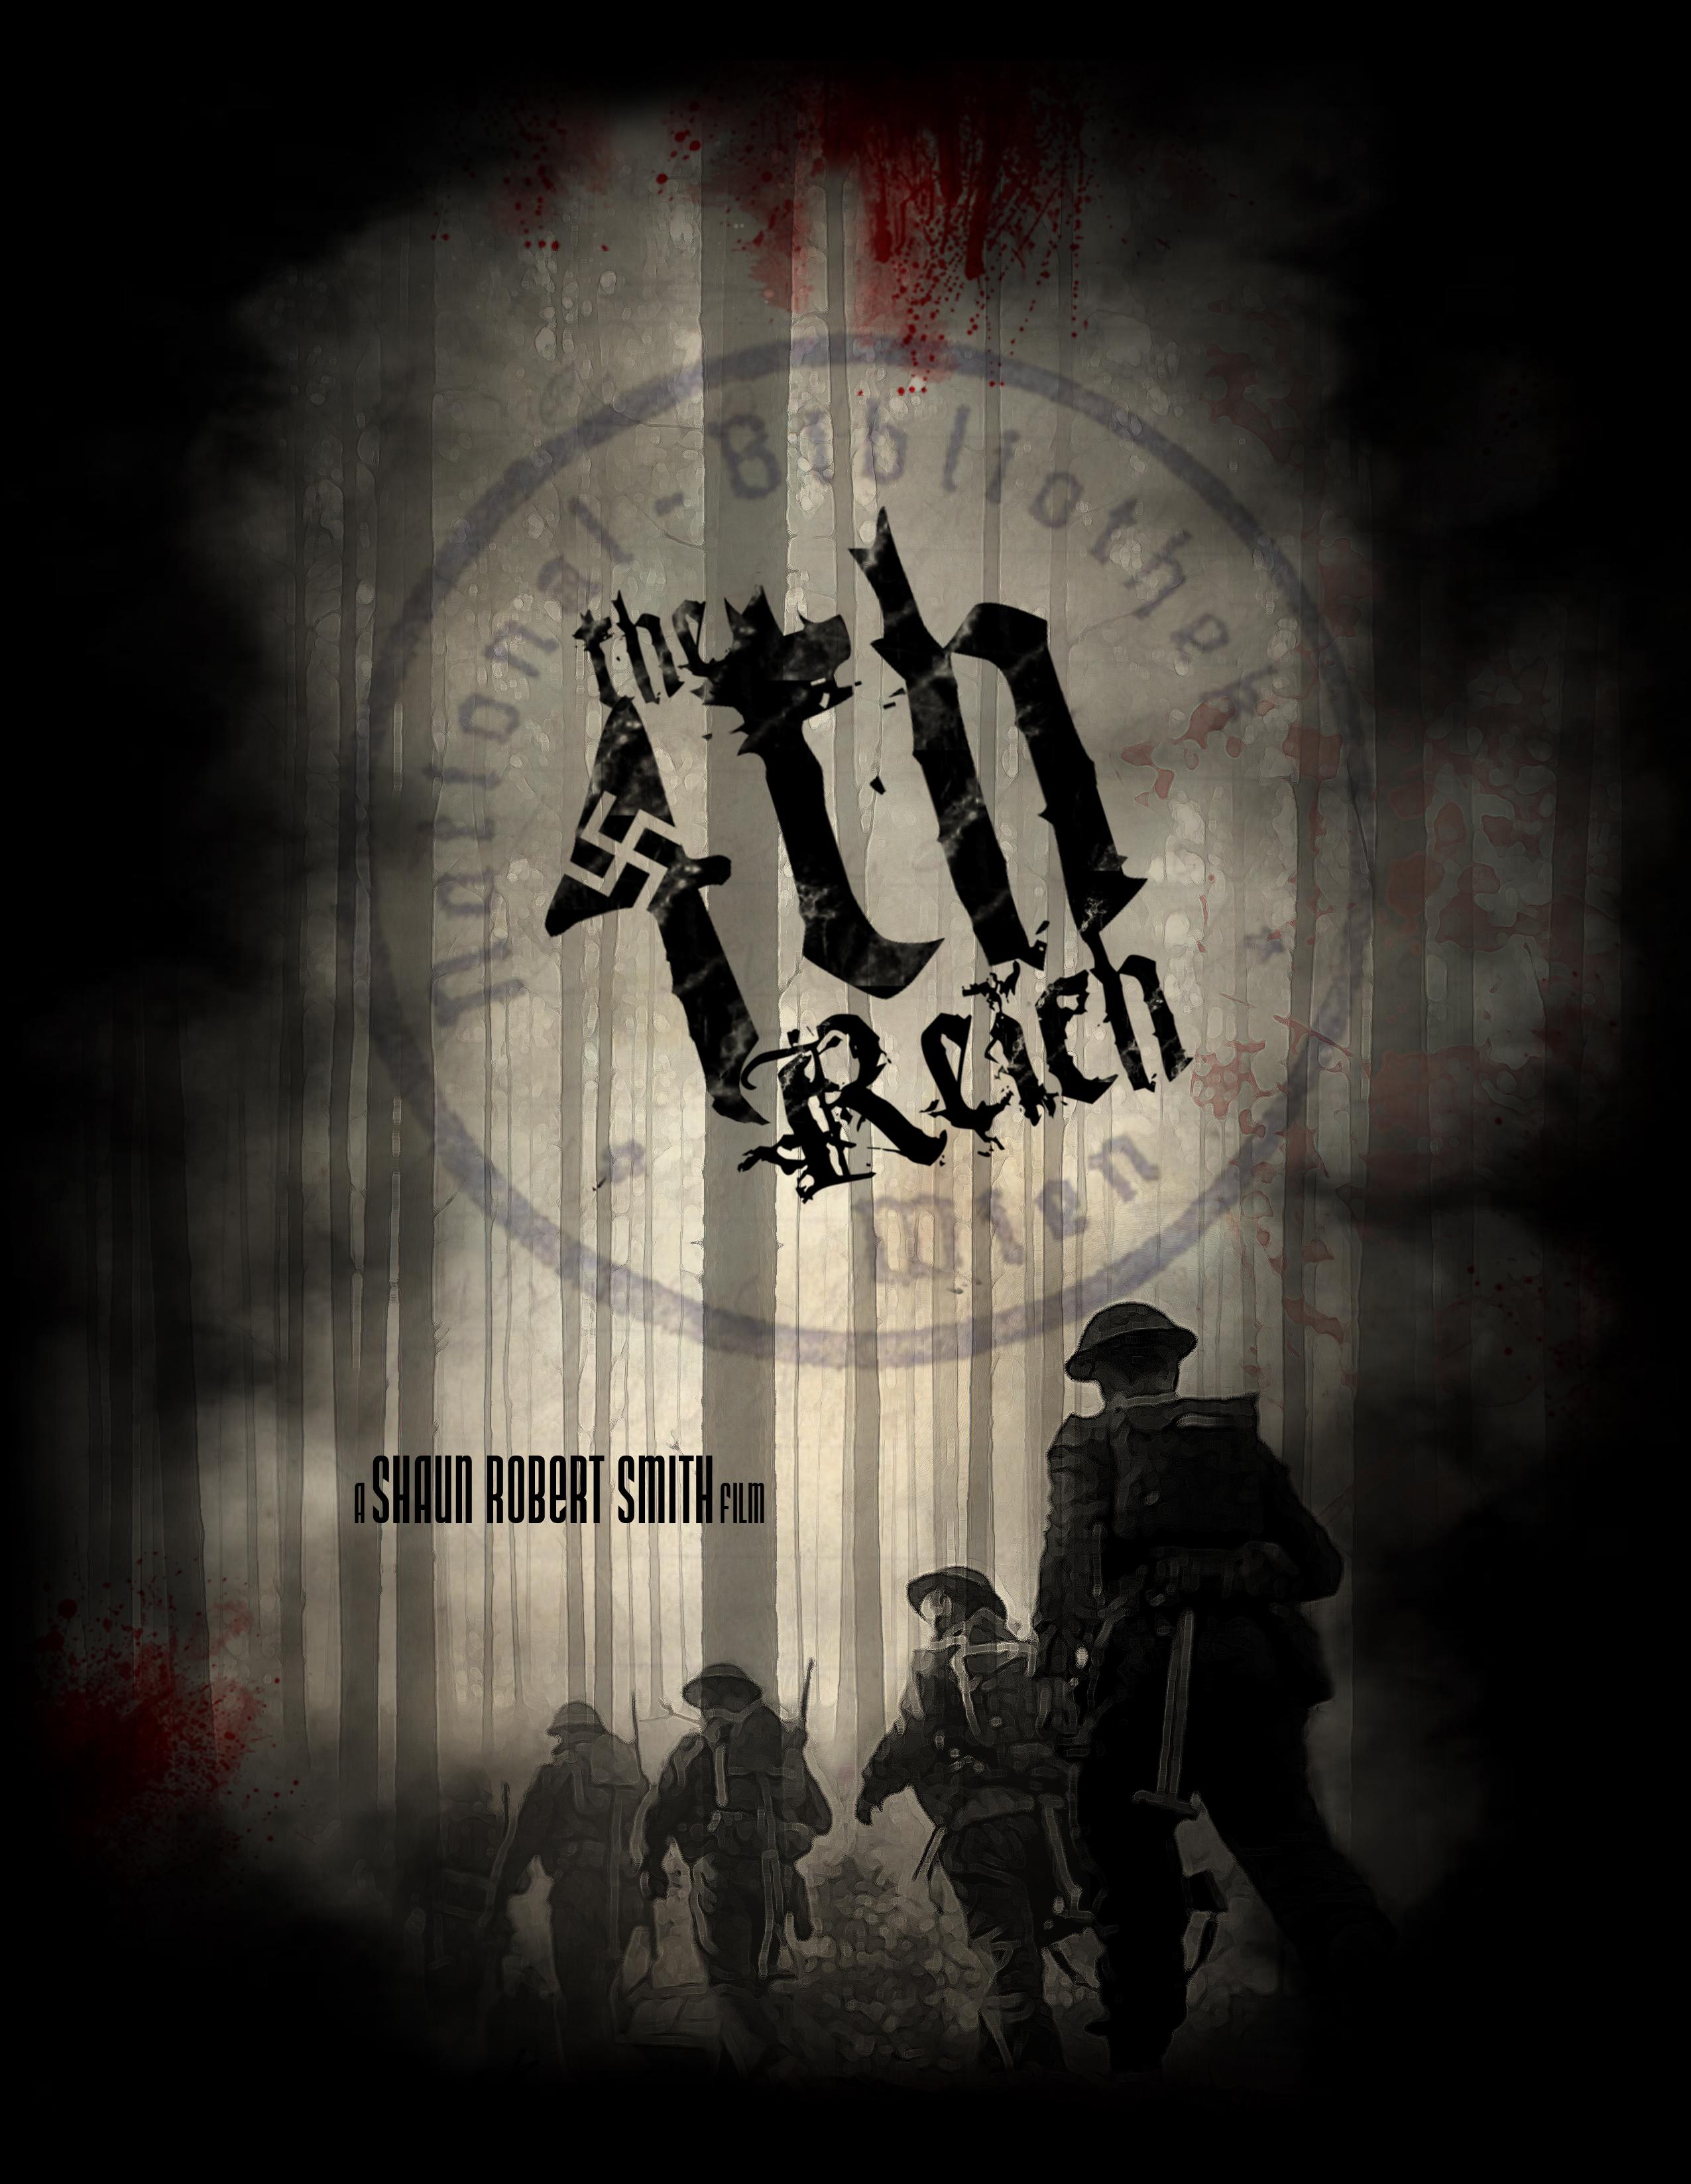 The 4th Reich - IMDb